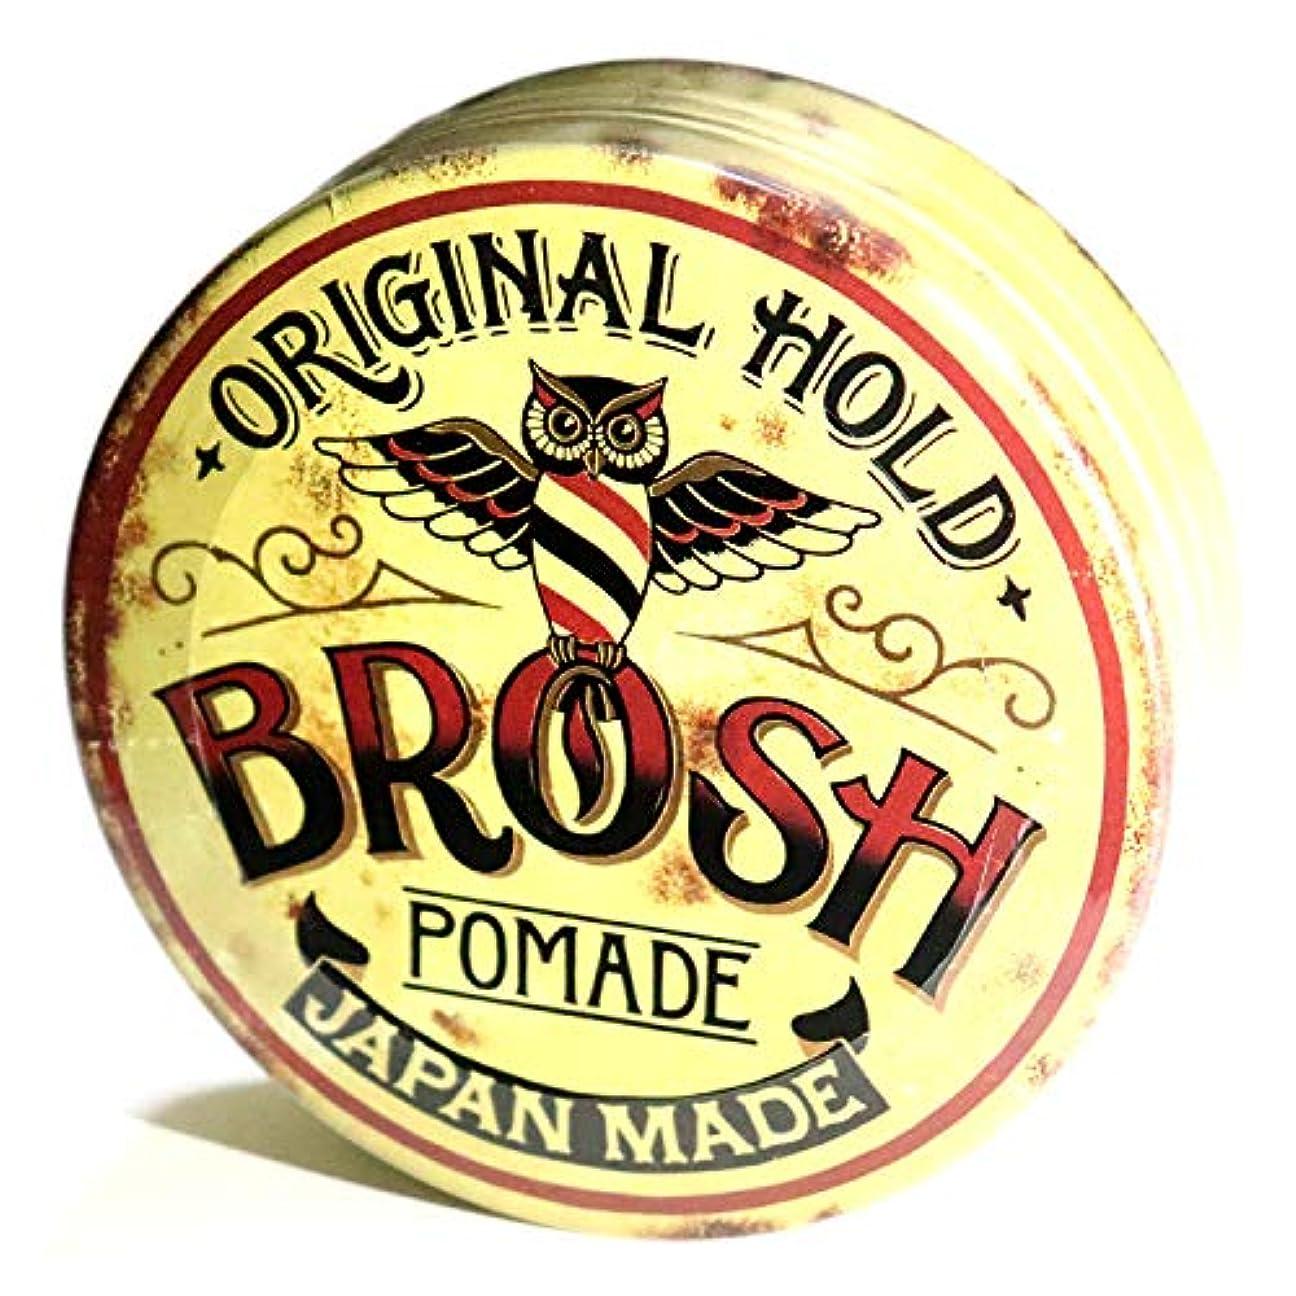 有益二次トレイルBROSH (ブロッシュ) BROSH POMADE ORIGINAL HOLD 115g 水性ポマード 整髪料